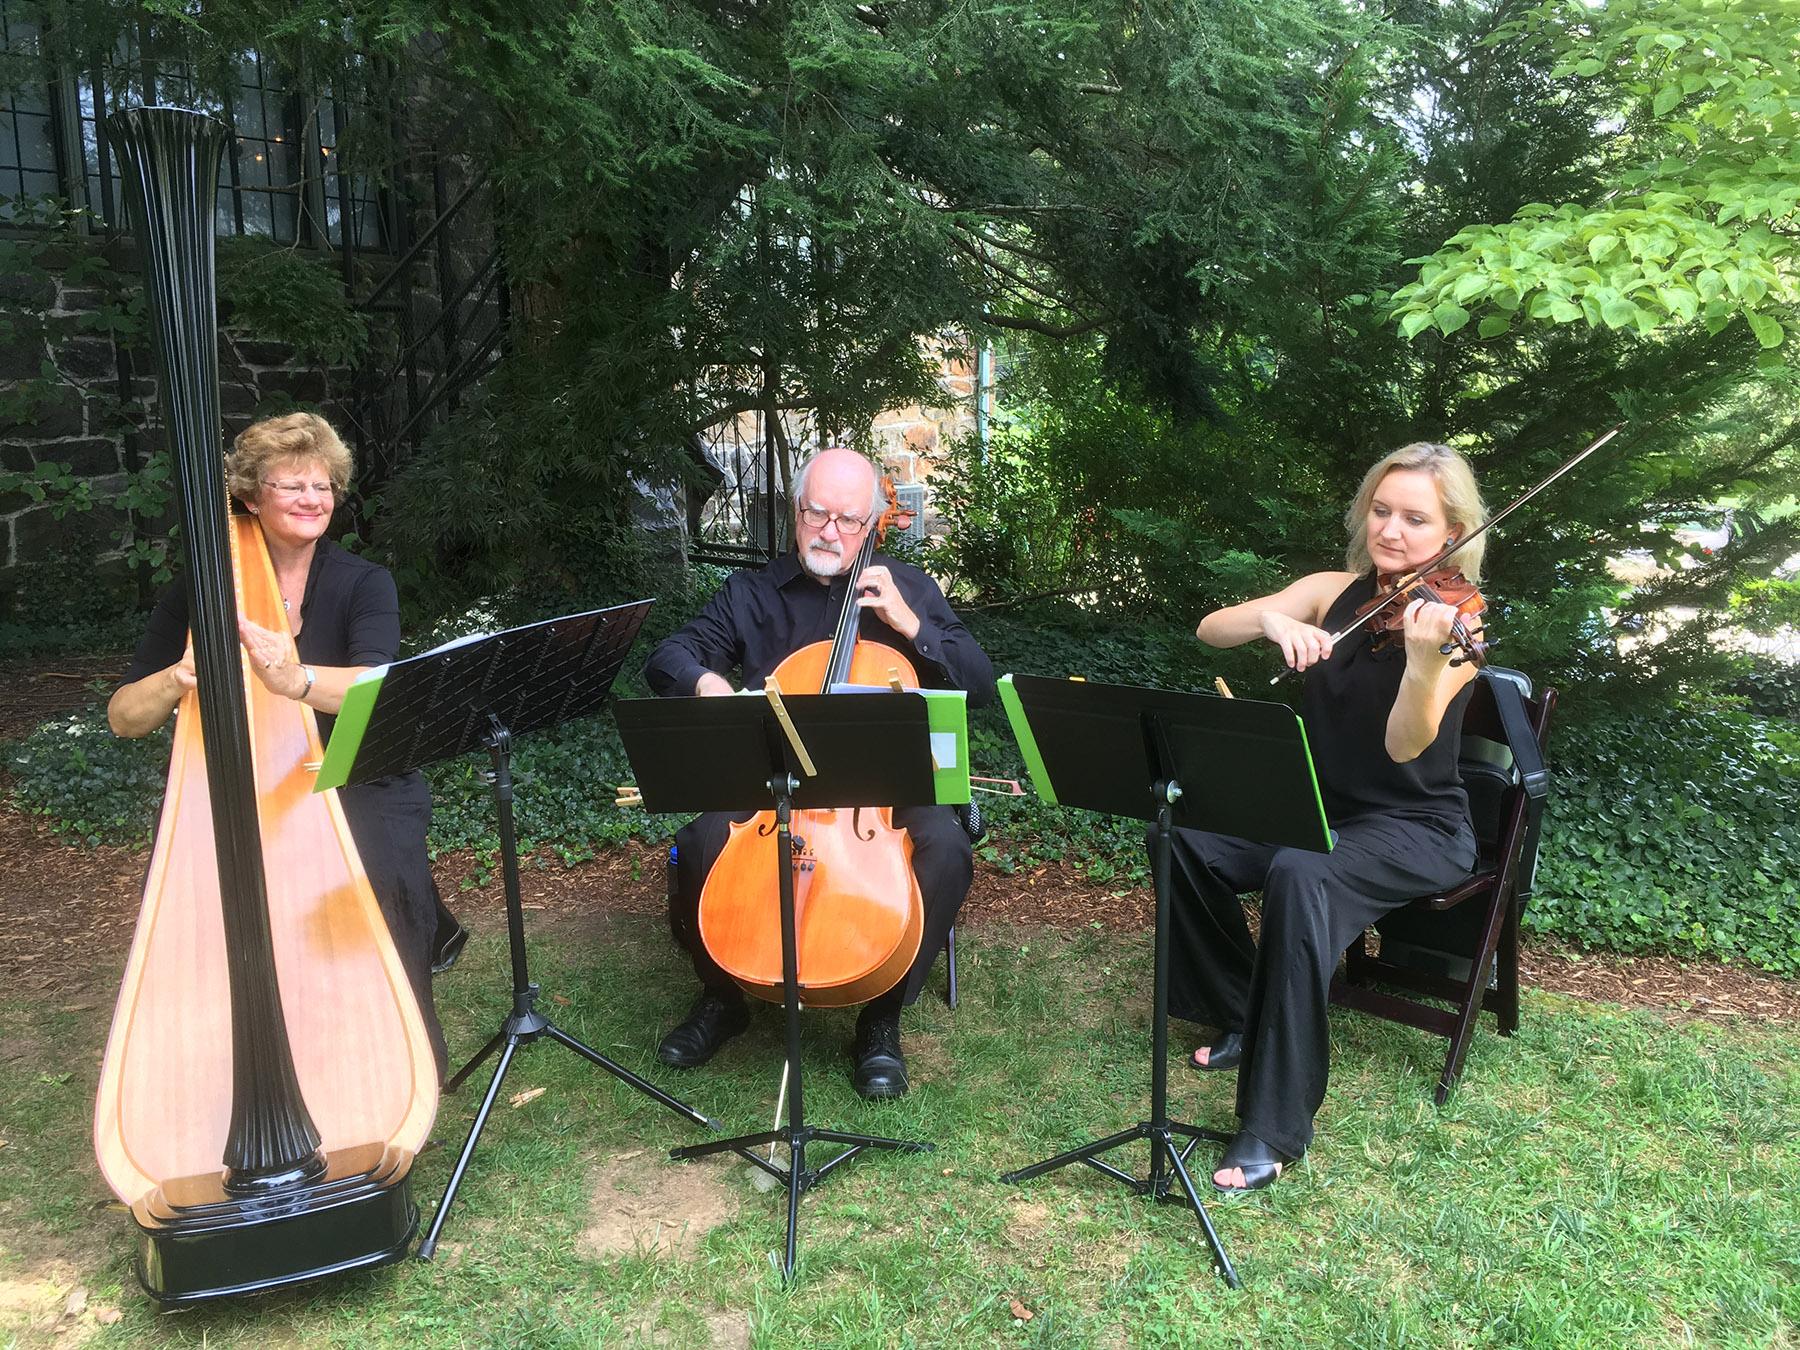 Violin, Cello and Harp at Homewood 2018